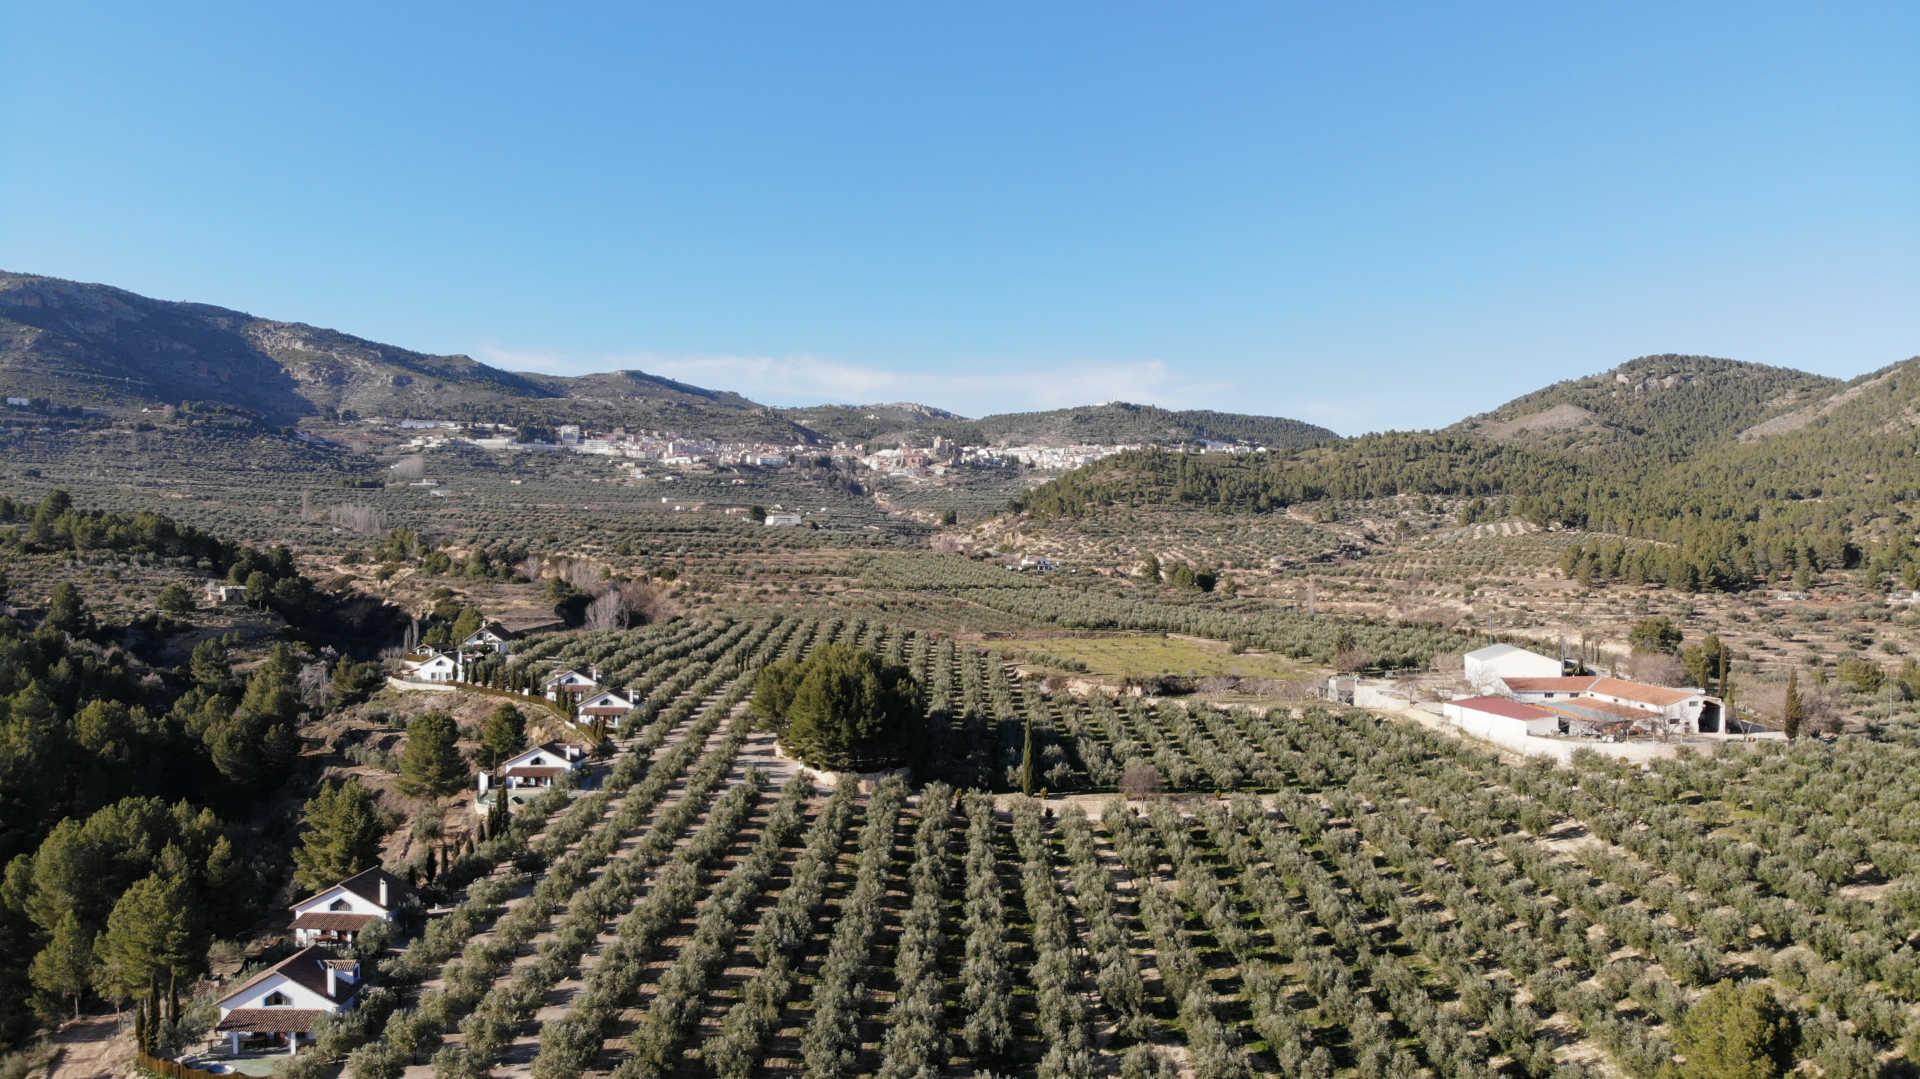 Vista aerea de Casas Rurales EL OLIVAR - YESTE